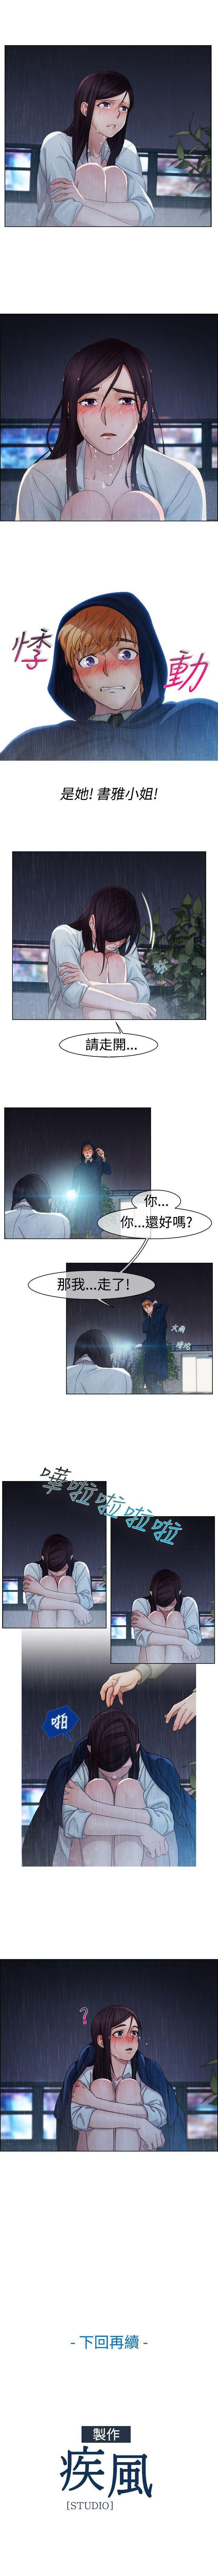 淑女花苑 1-80 11